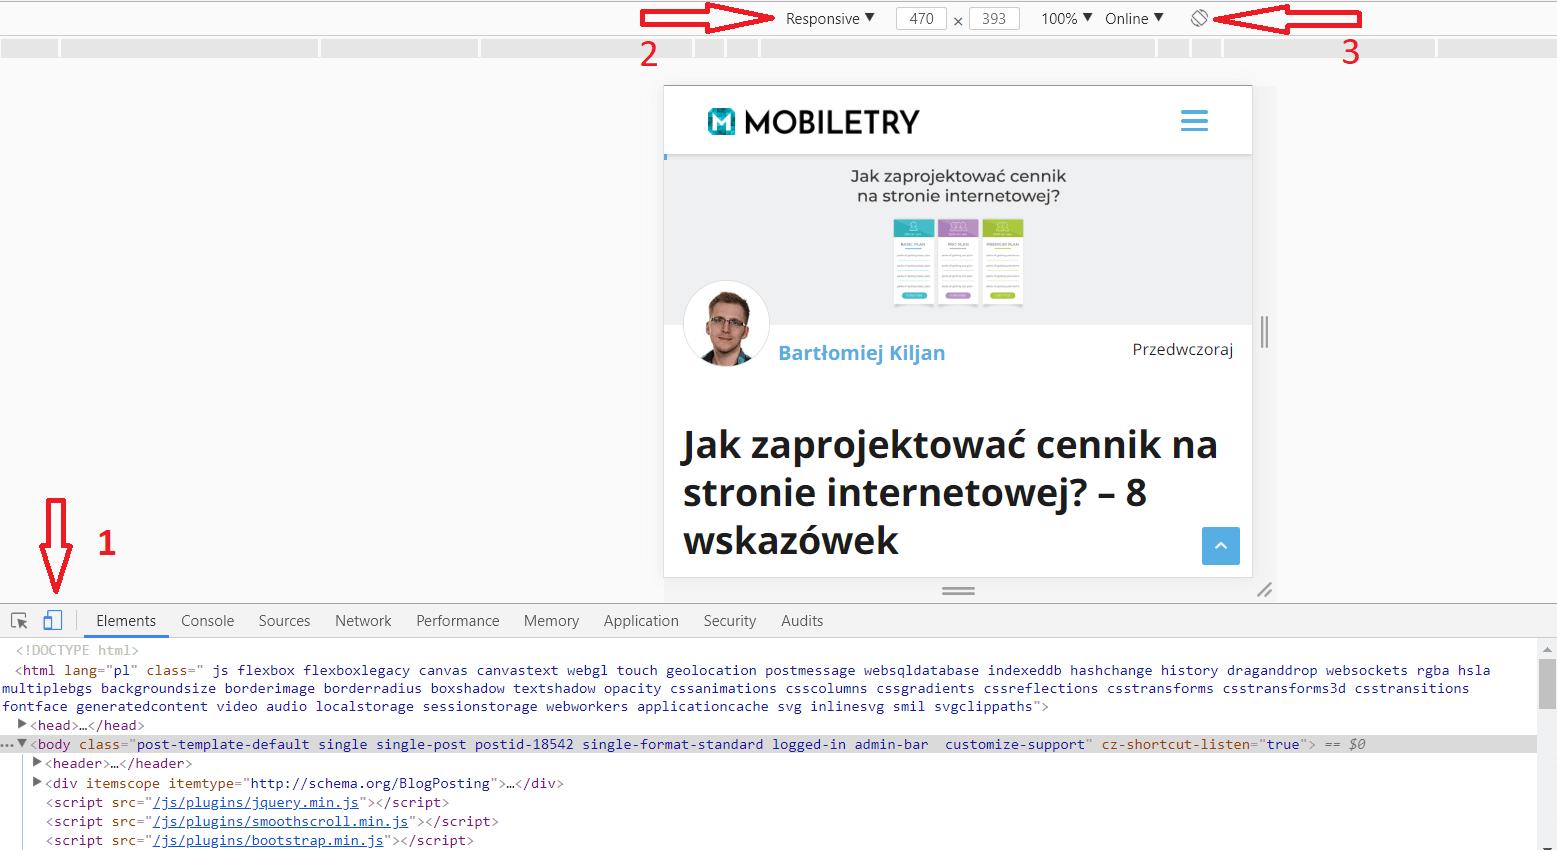 Sprawdzanie responsywności strony internetowej